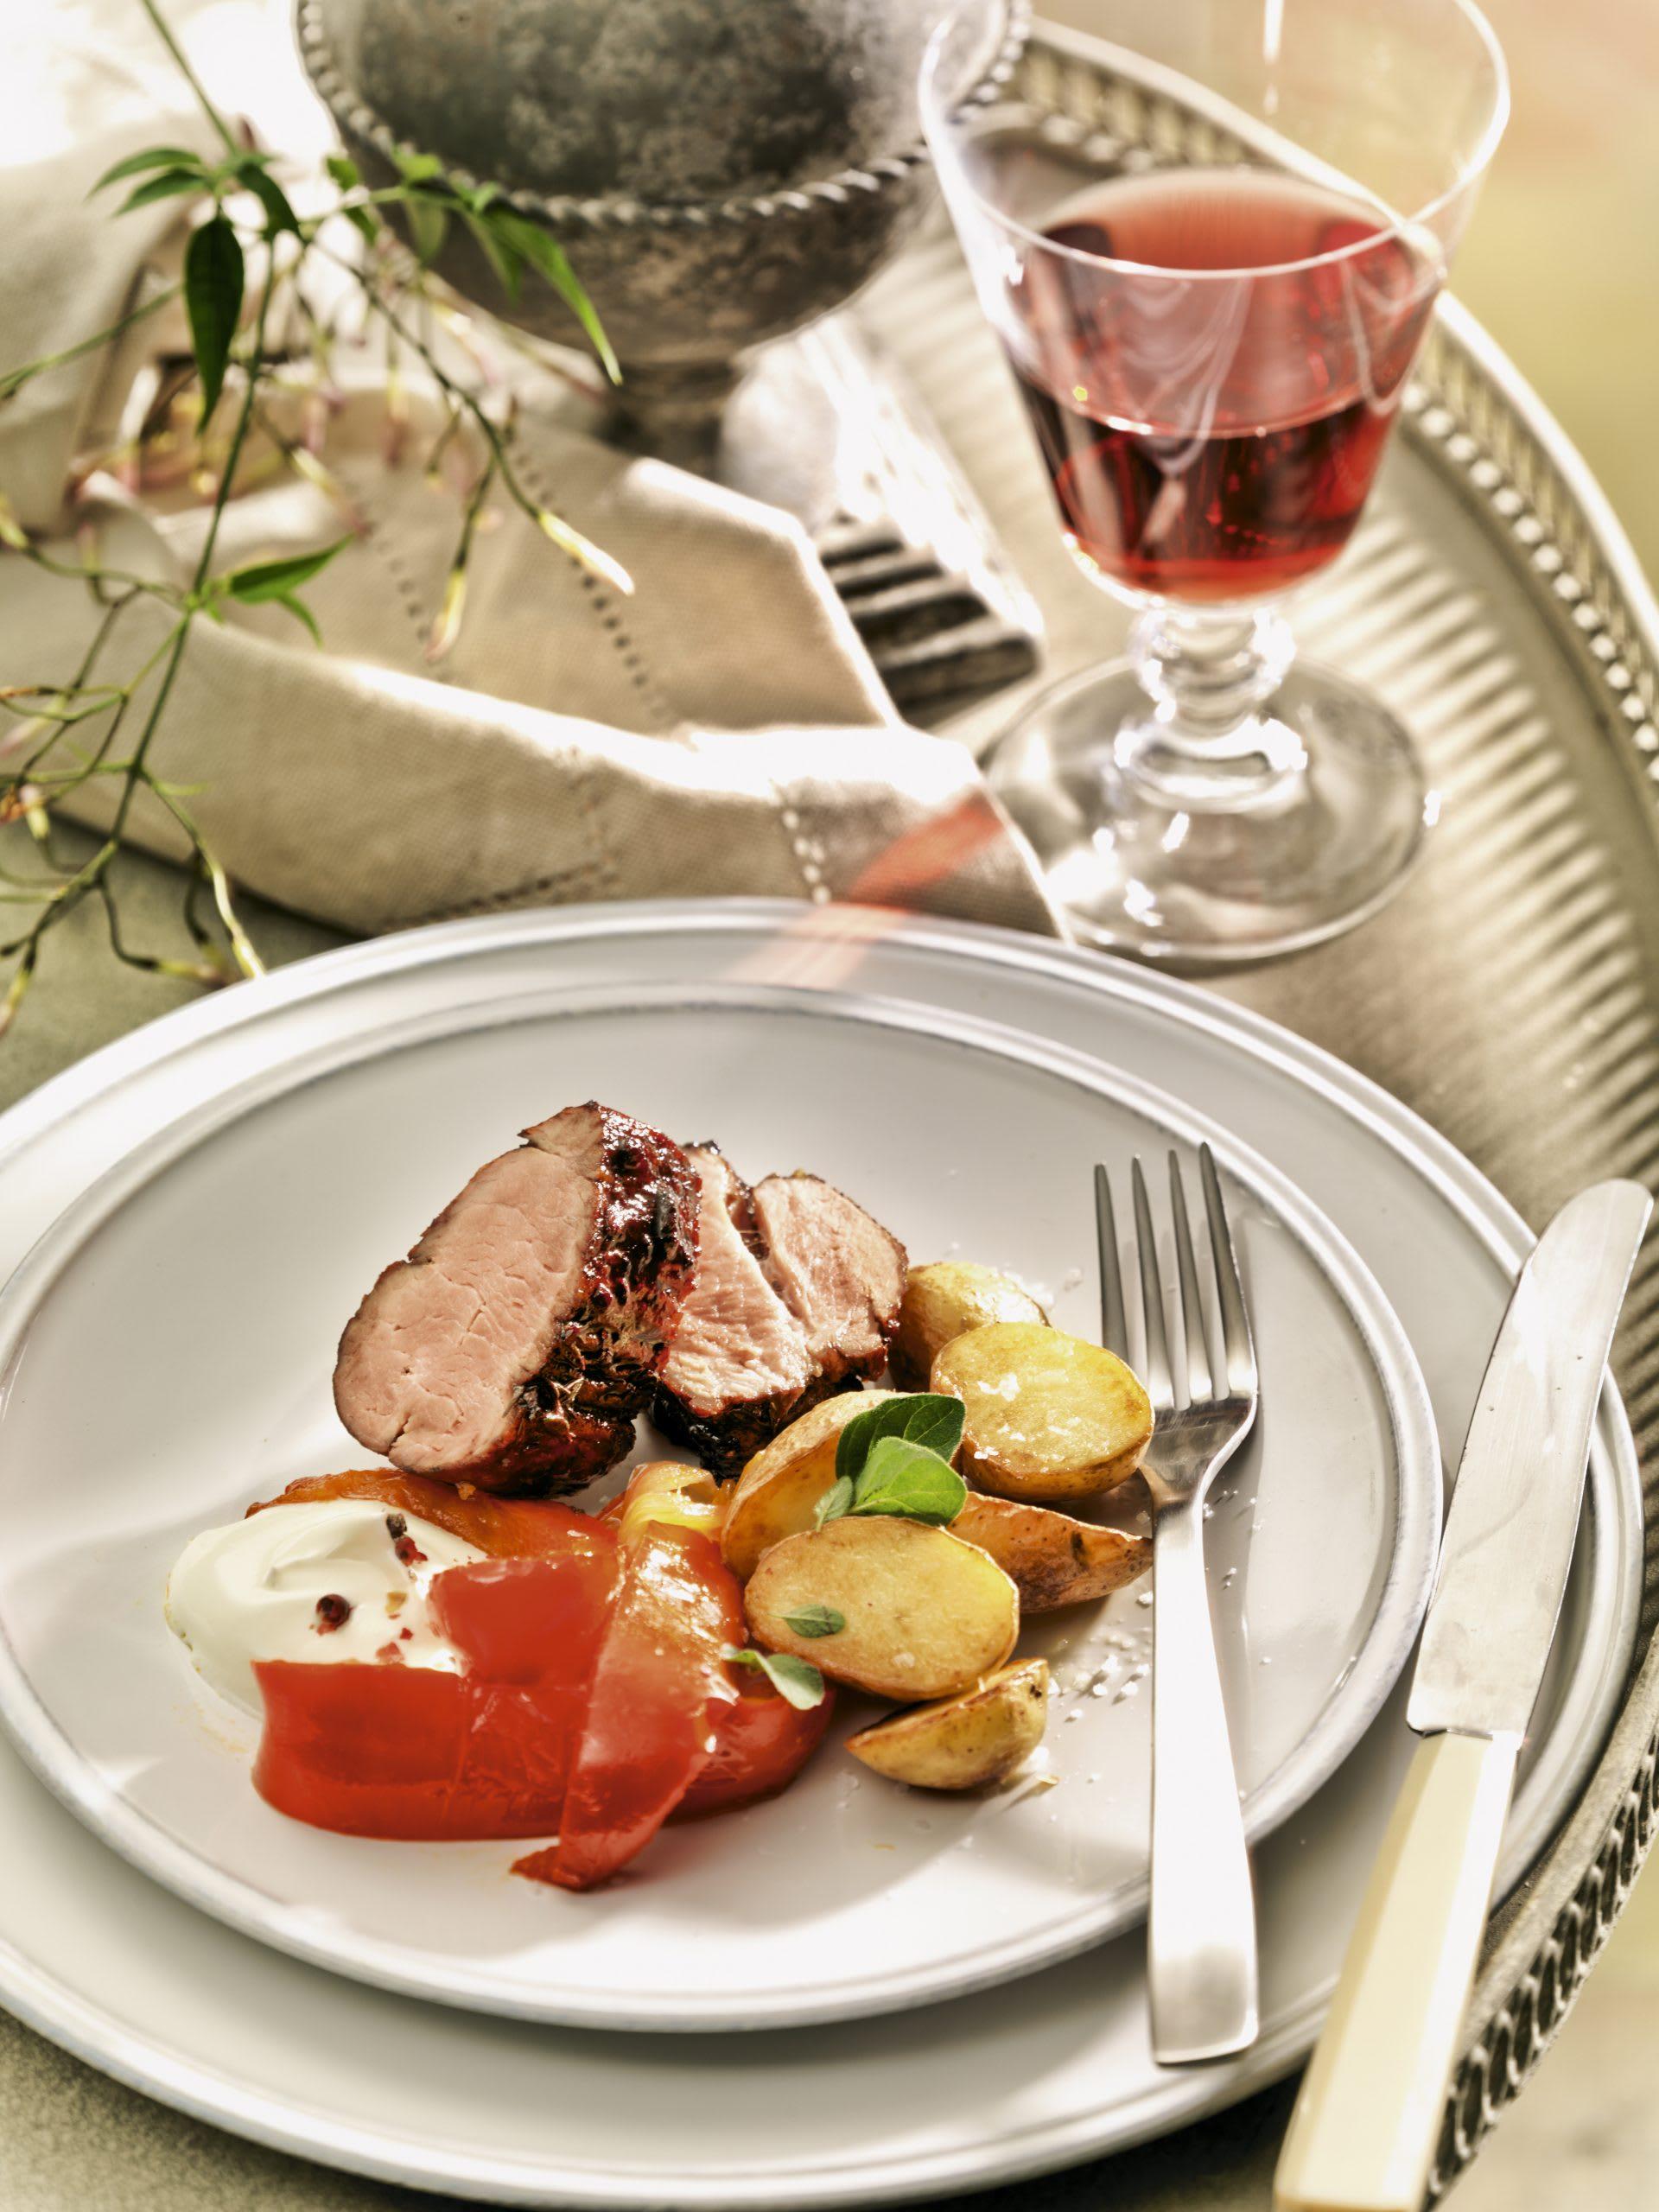 Schweinsfilet mit Rotweinglasur, Peperoni-Gemüse und Frühkartoffeln